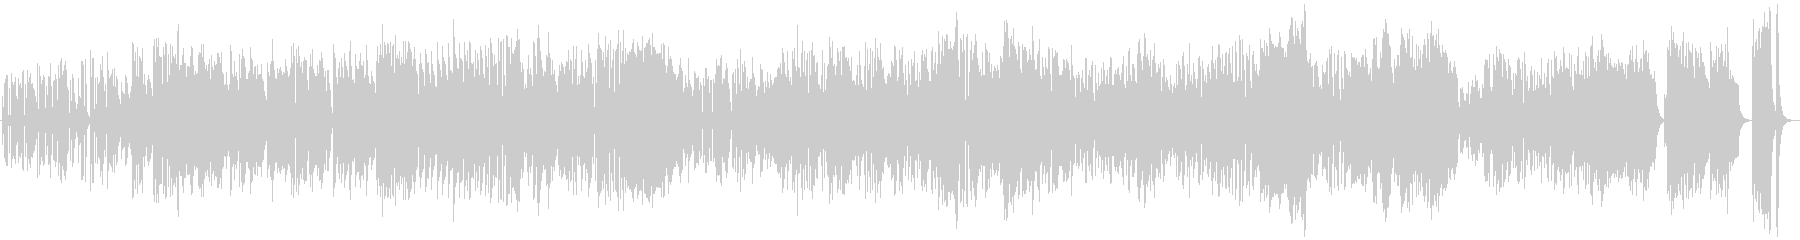 弦楽器を使用したクラシックピアノフ...の未再生の波形